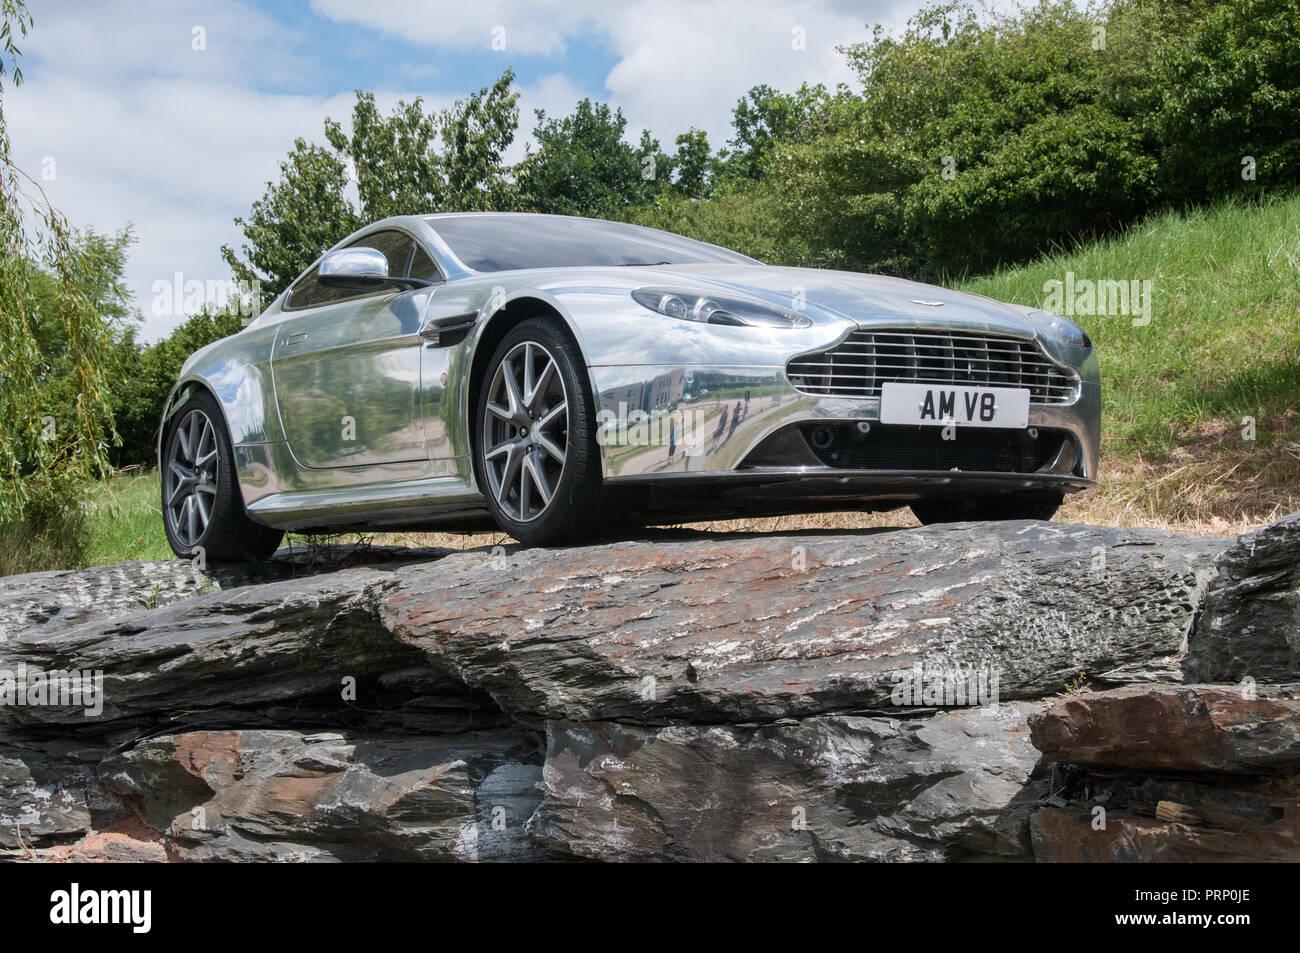 Aston Martin Stock >> Aston Martin Stock Photo 221144966 Alamy